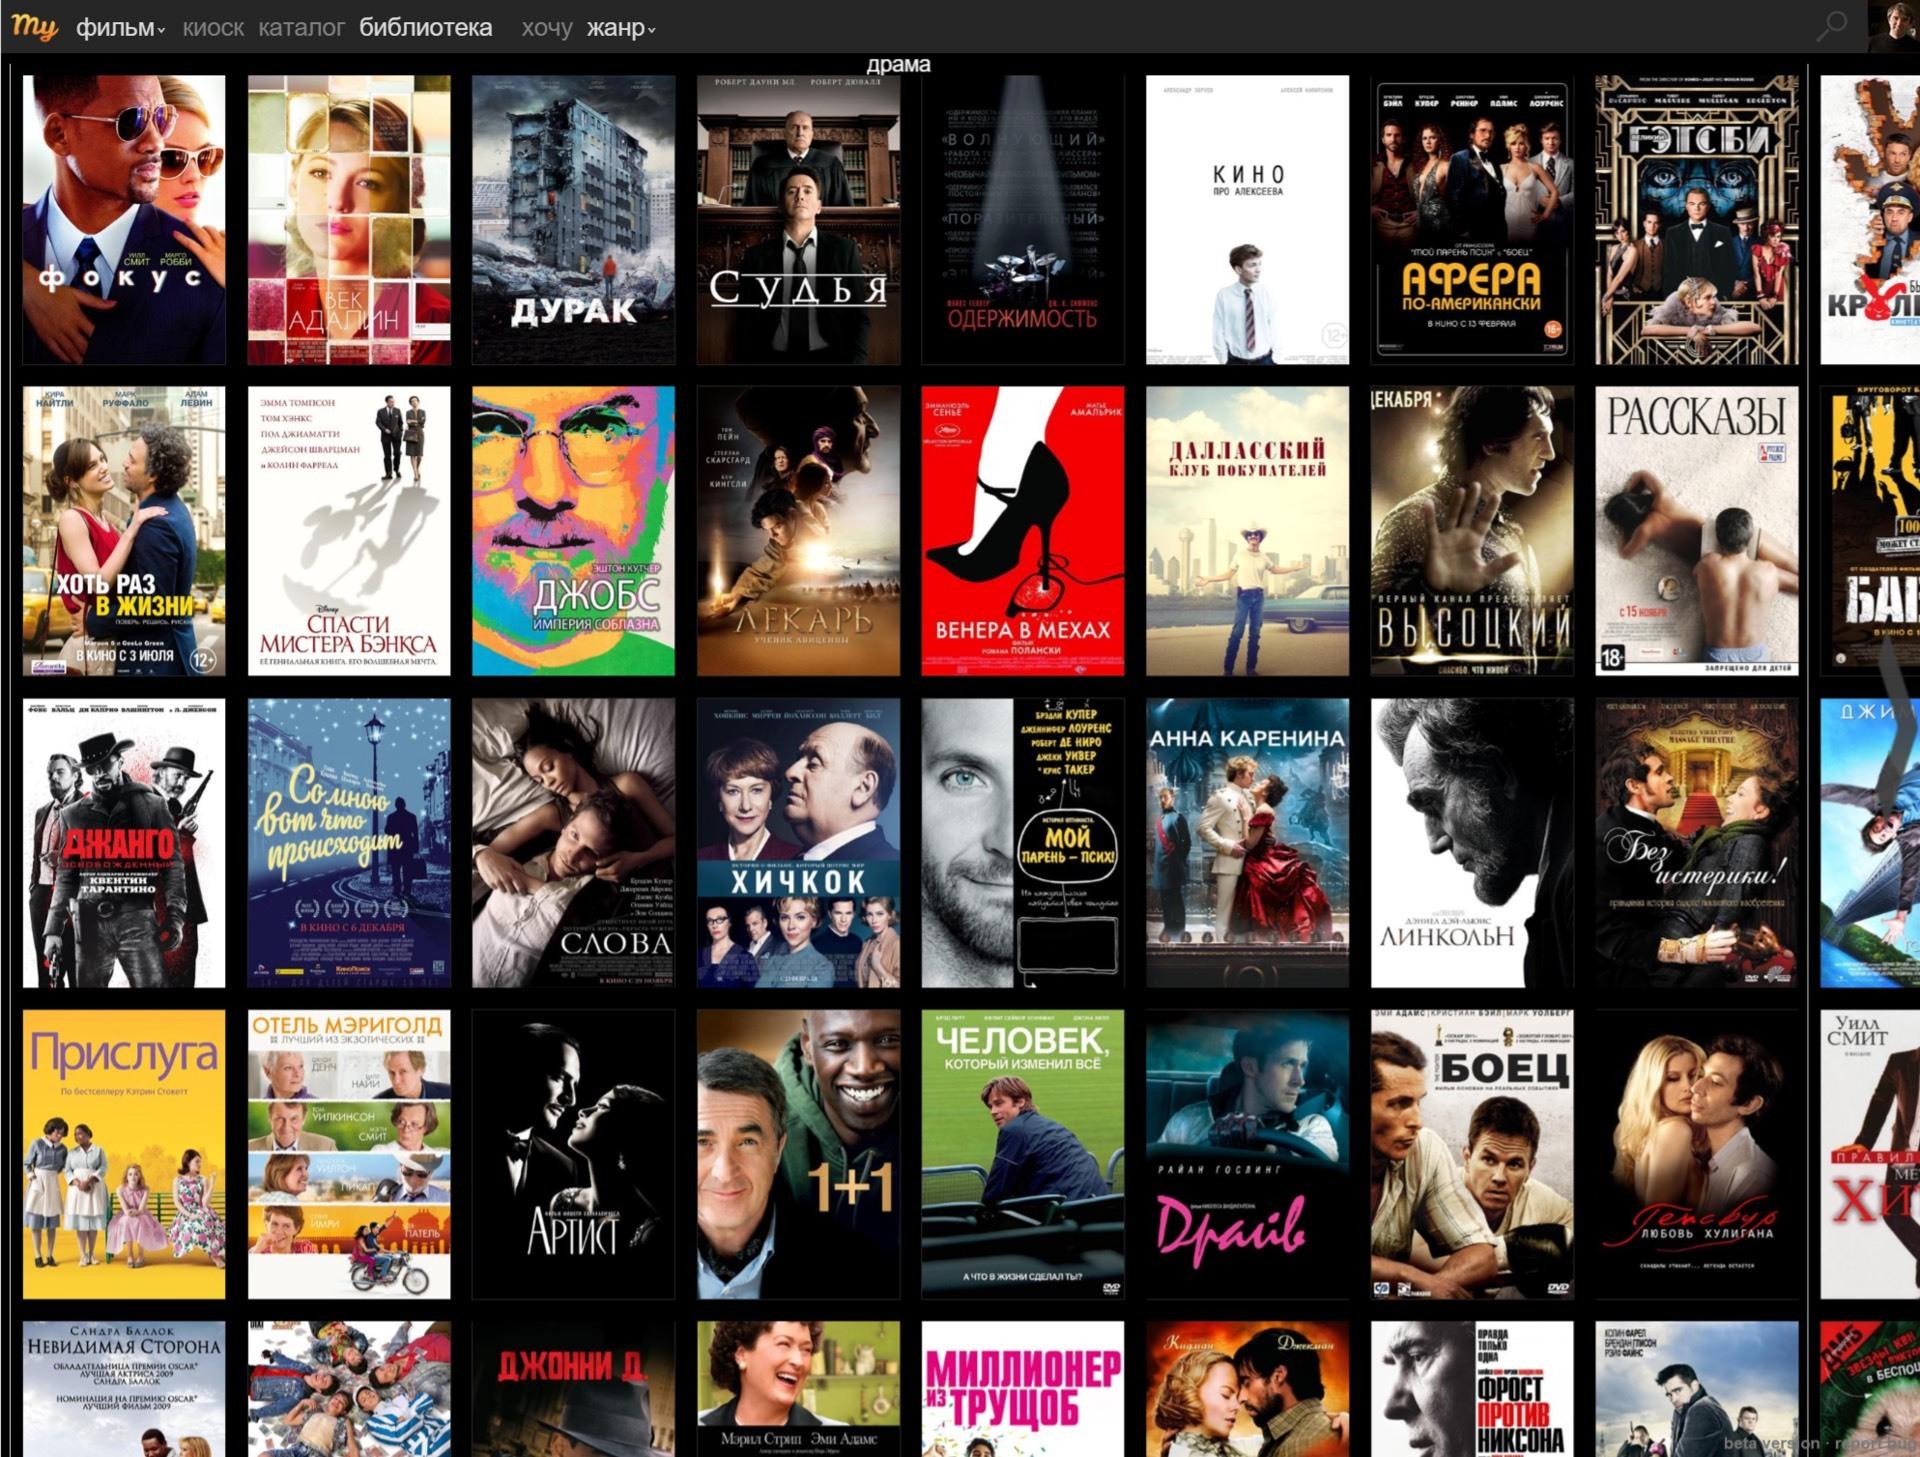 Возможен ли идеальный киносайт? - 10